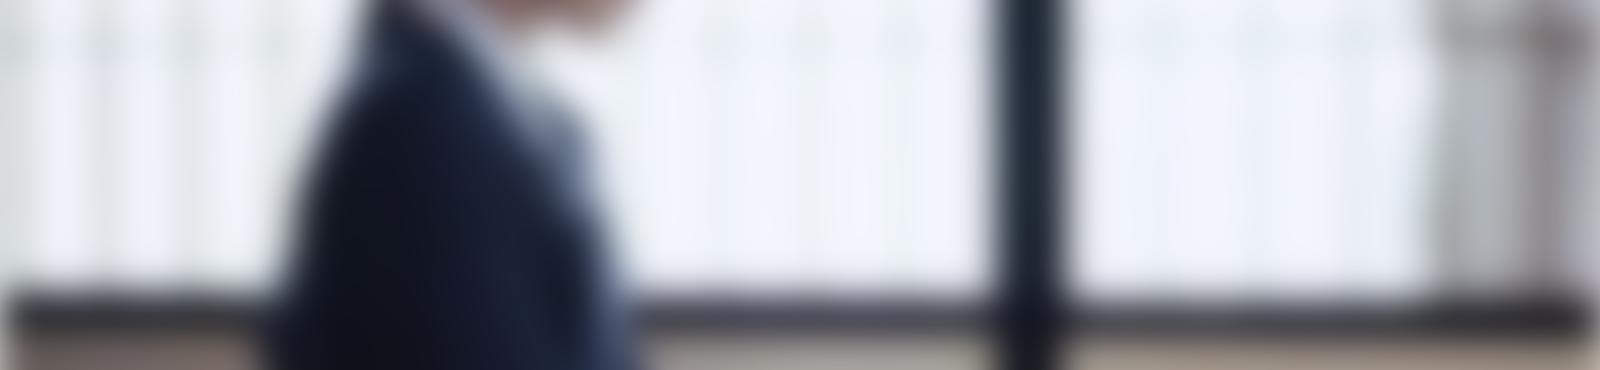 Blurred 116303.jpg r 640 600 b 1 d6d6d6 f jpg q x xxyxx